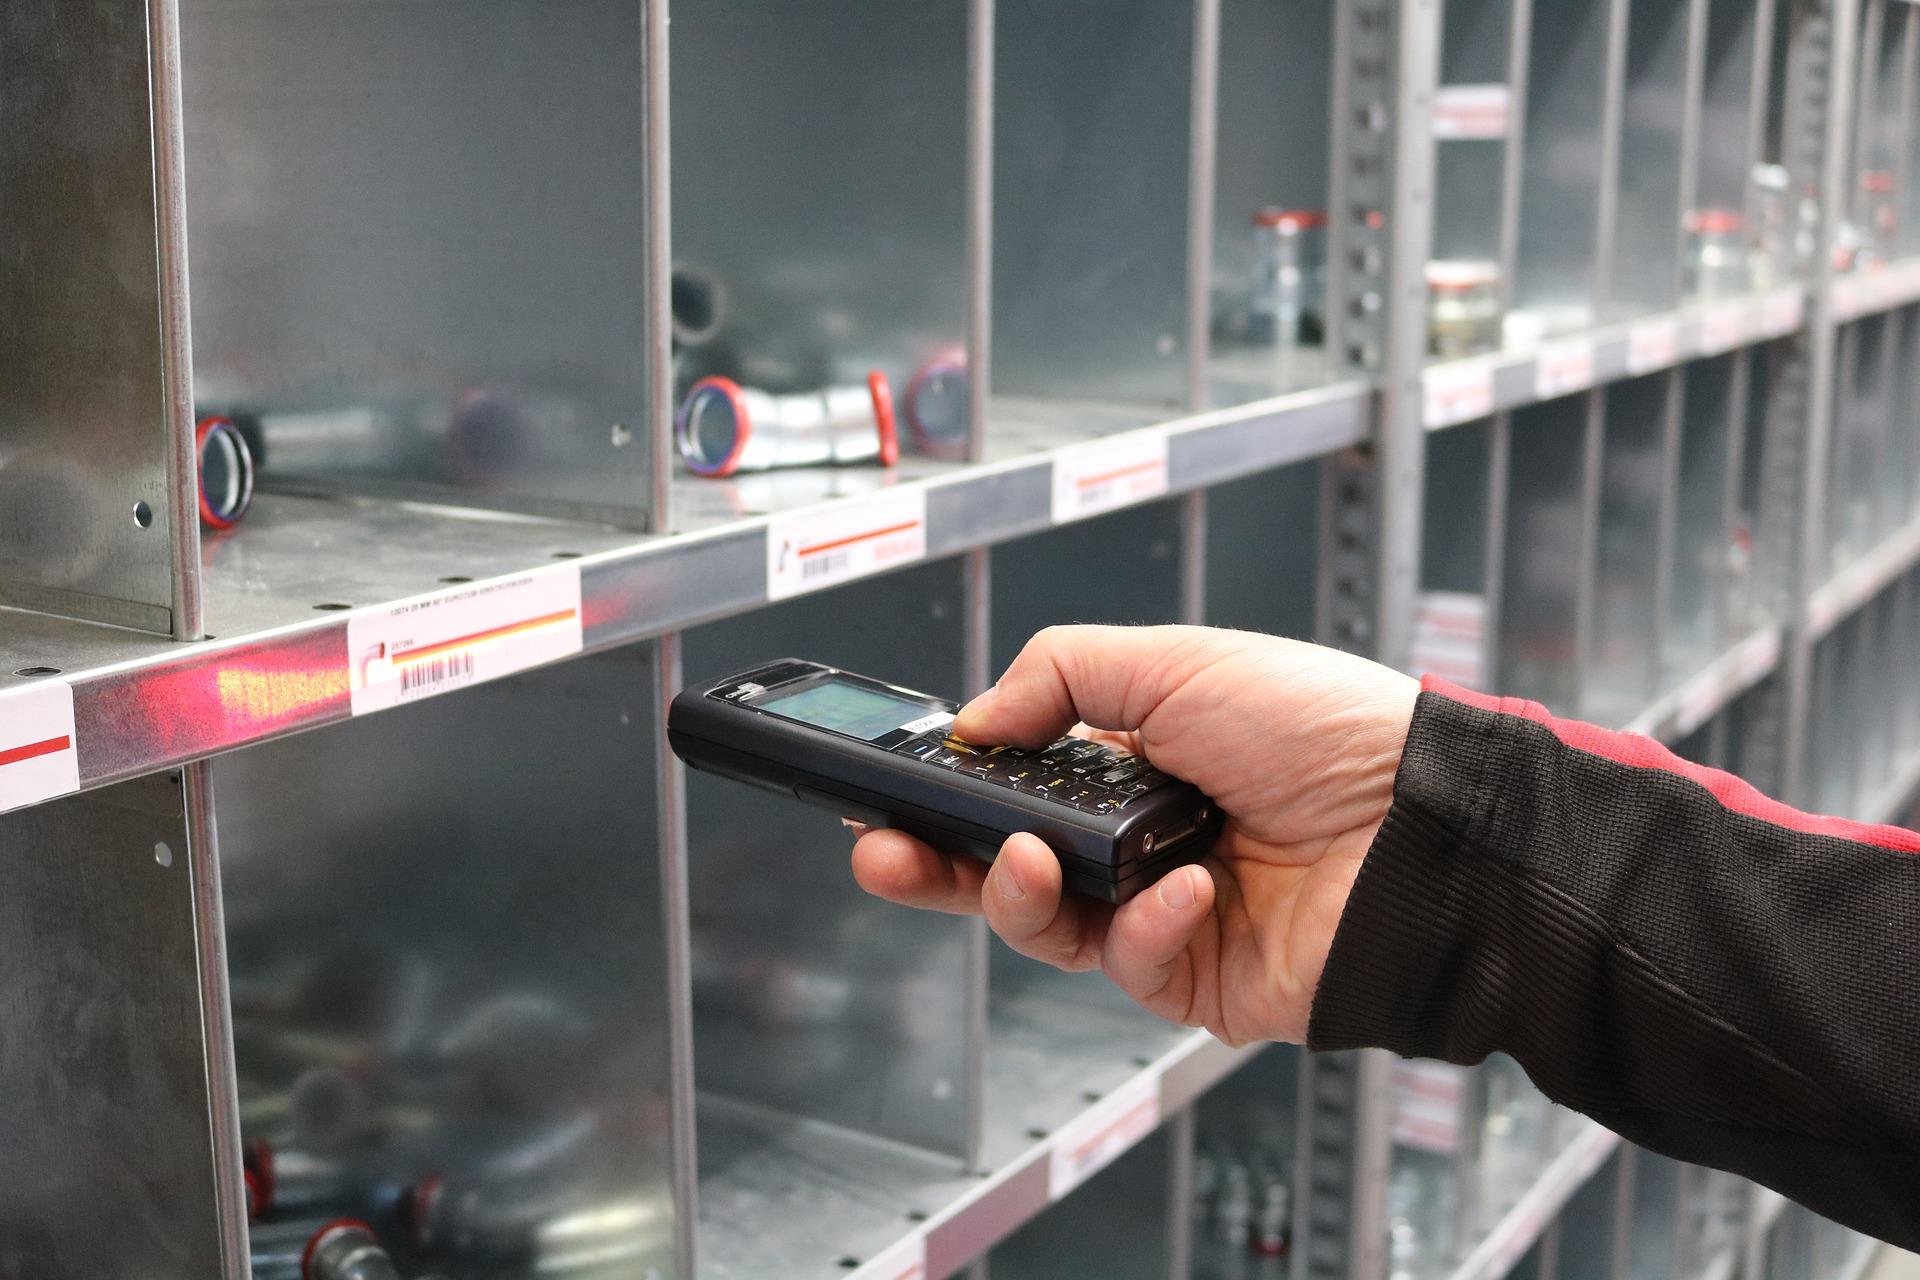 2D Barcodescanner